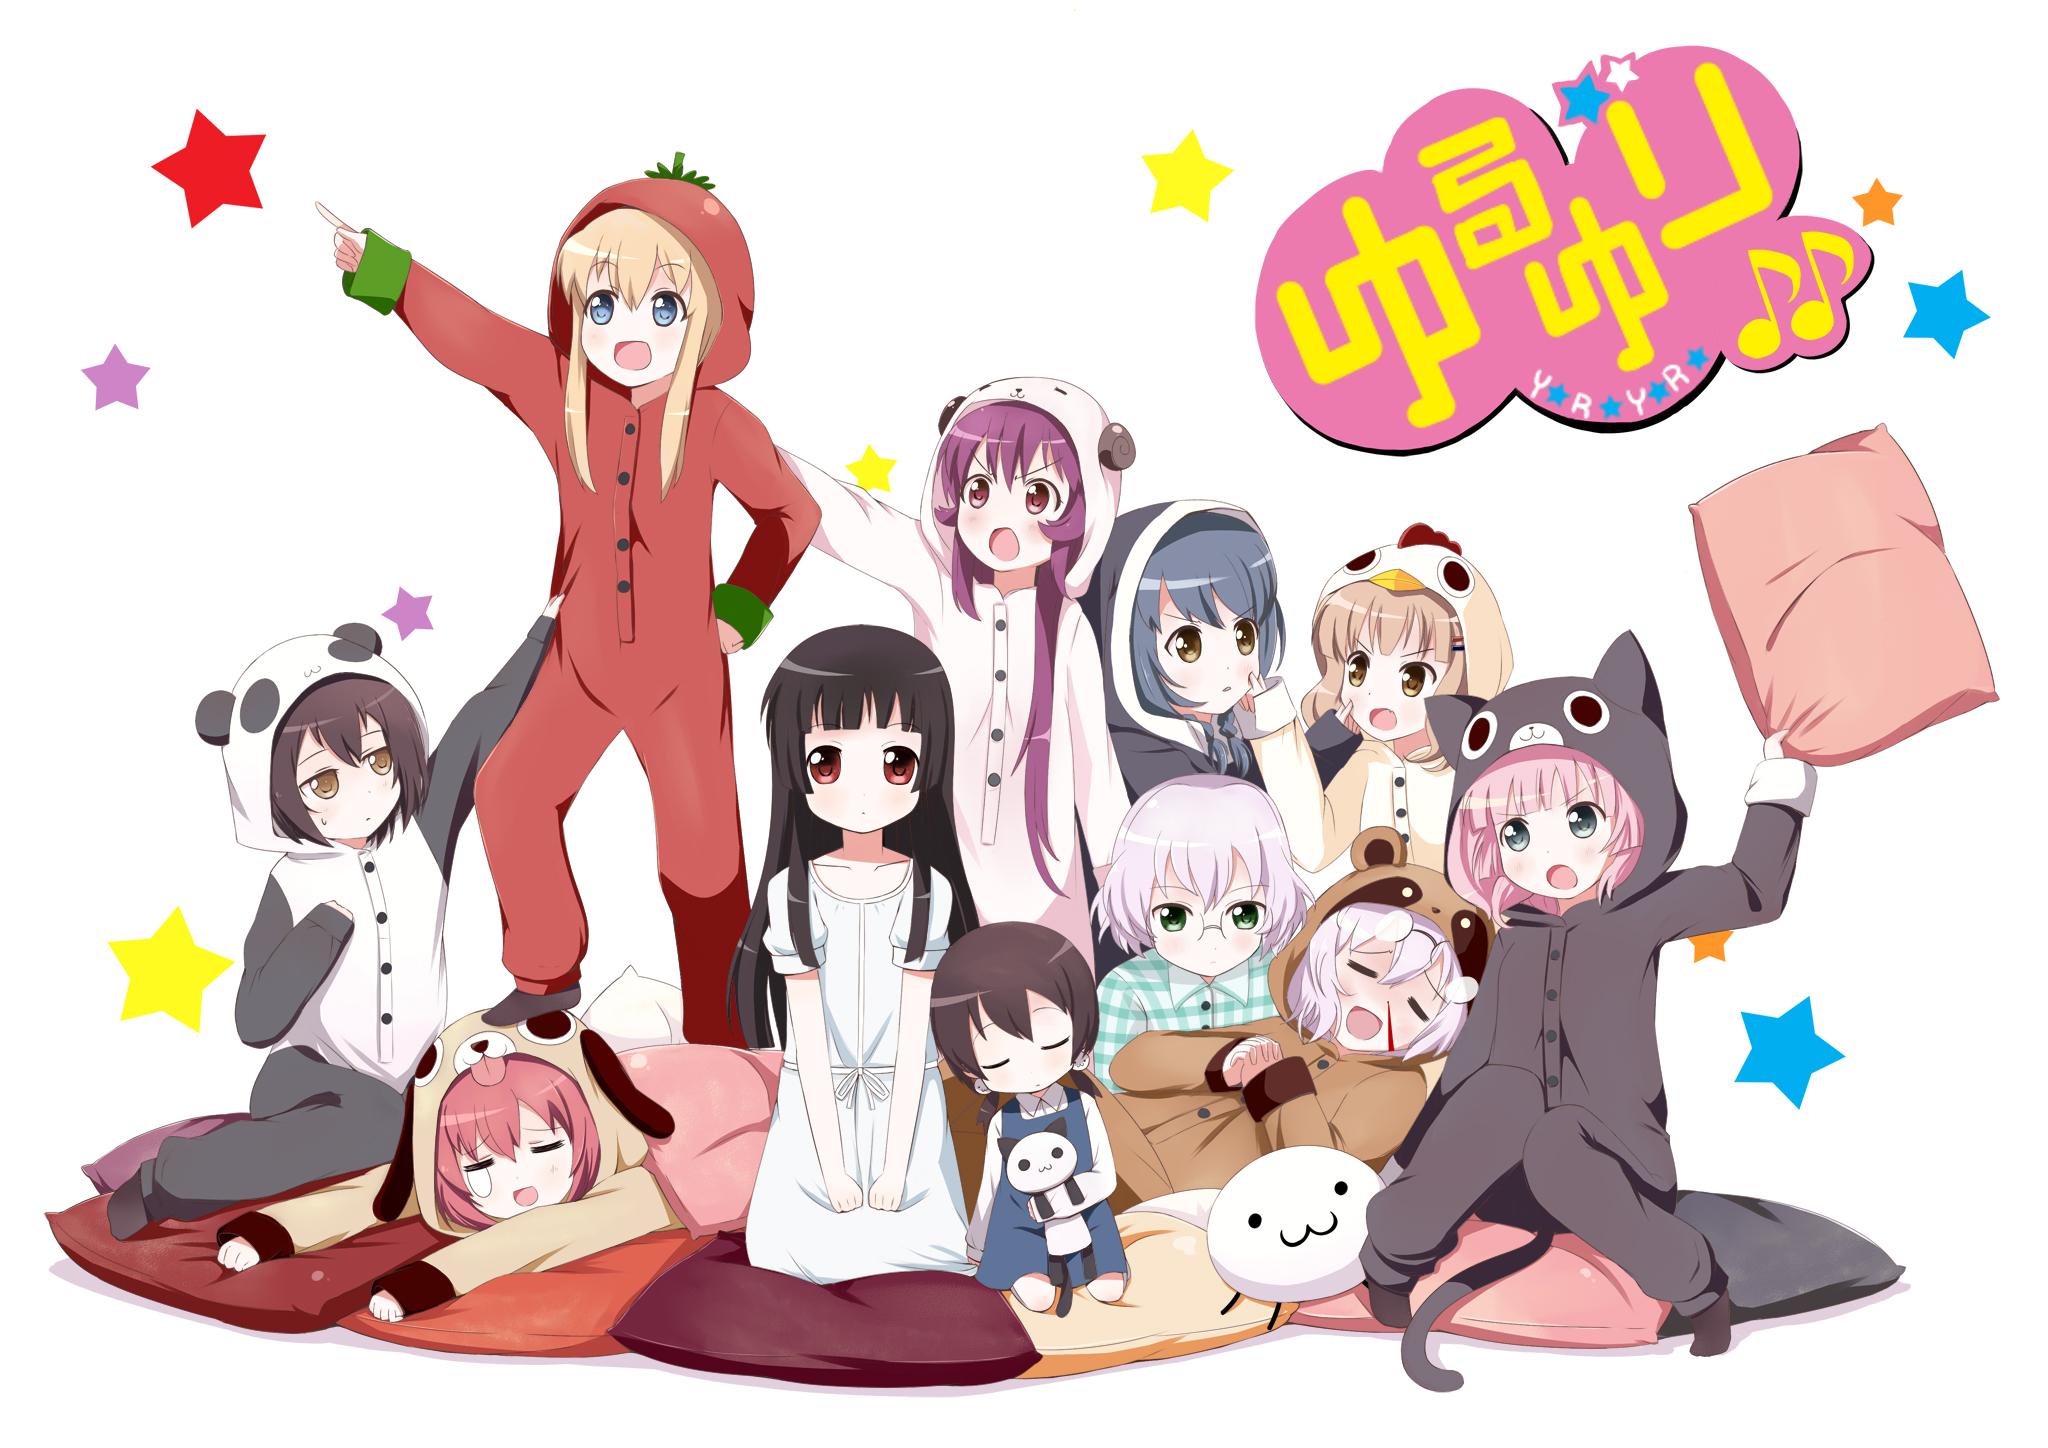 Yuru Yuri - Namori - Image #1176548 - Zerochan Anime Image ...